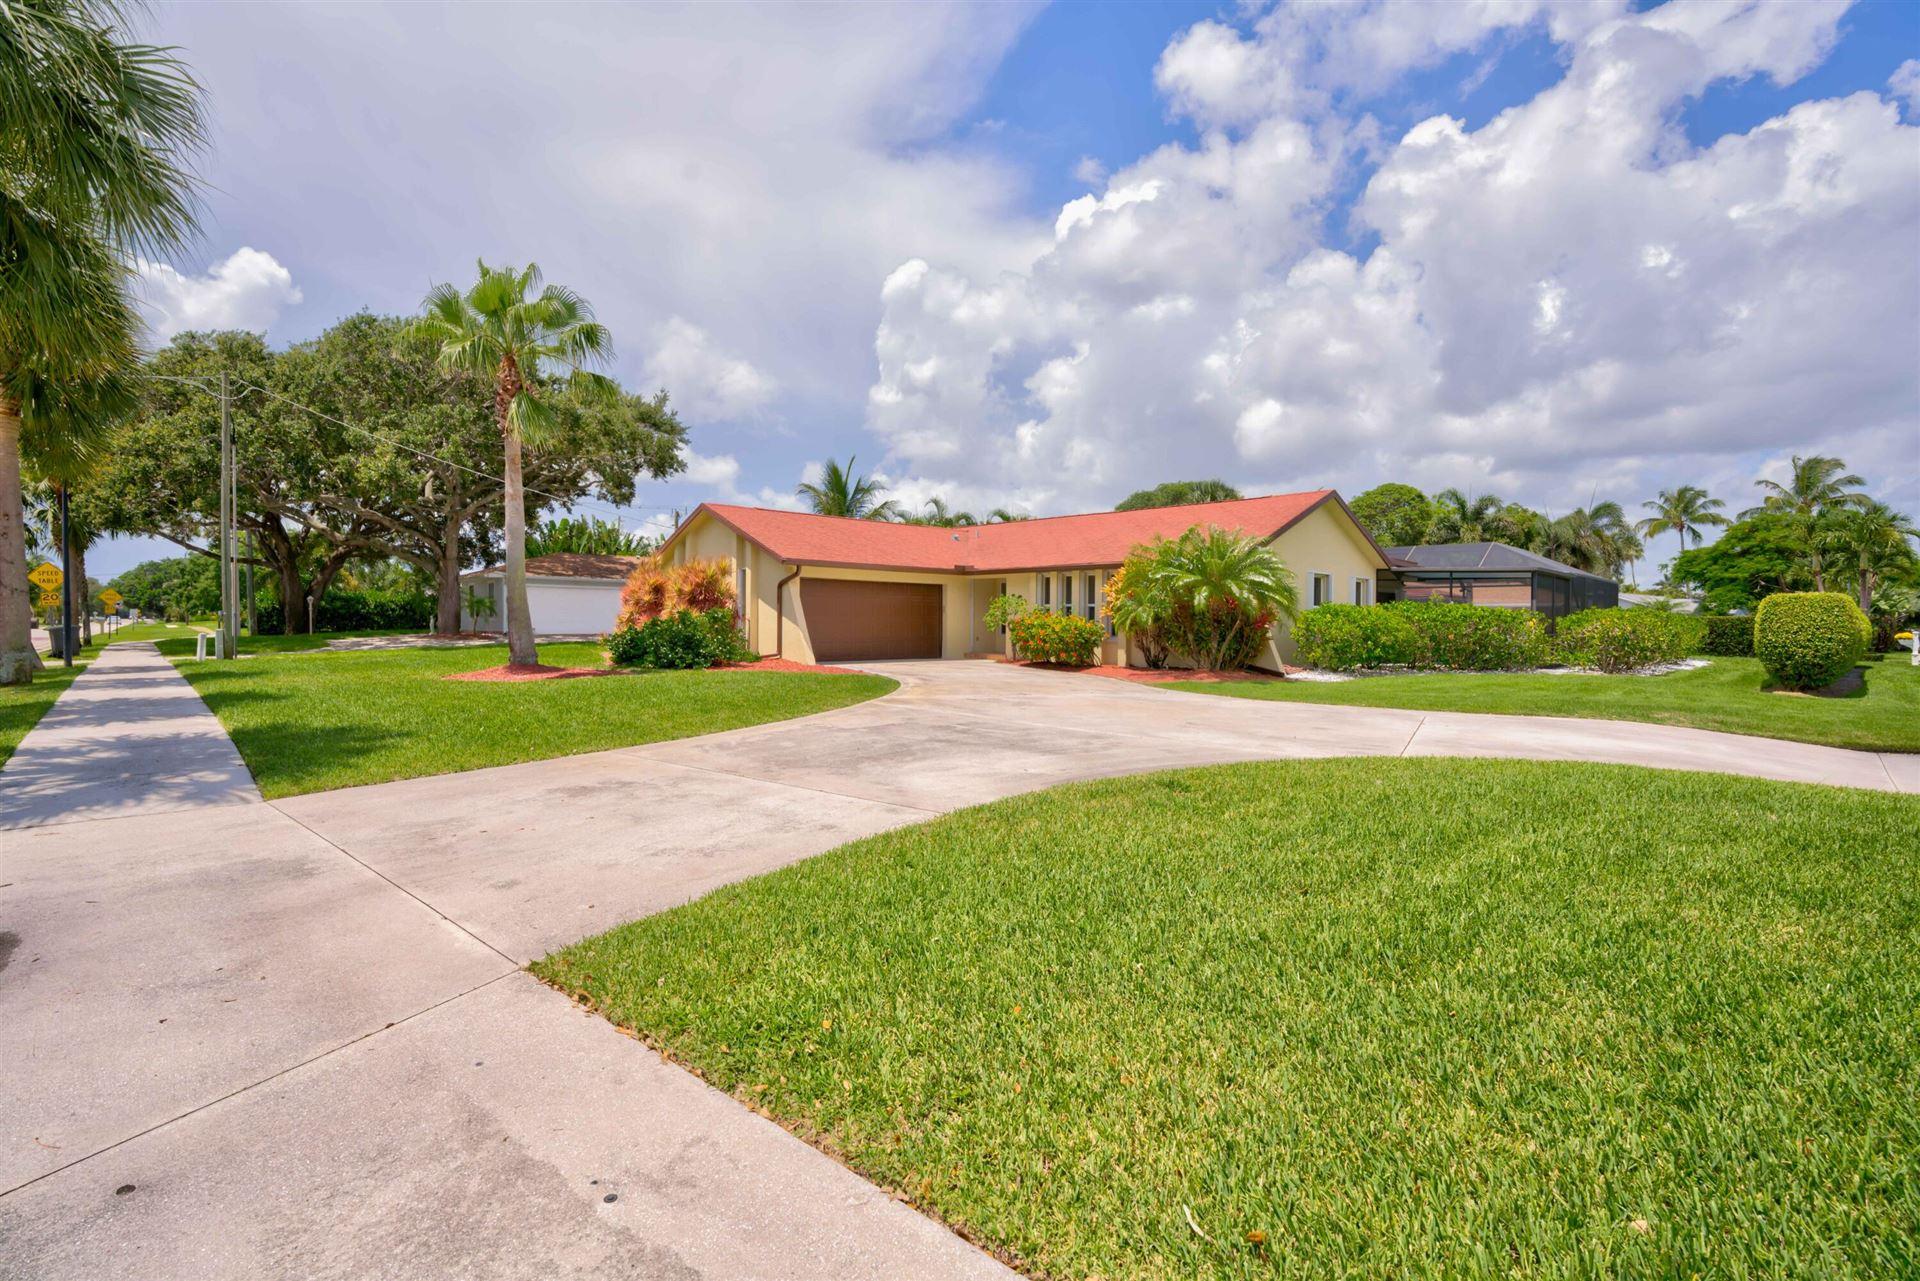 Photo of 357 Seabrook Road, Tequesta, FL 33469 (MLS # RX-10742263)